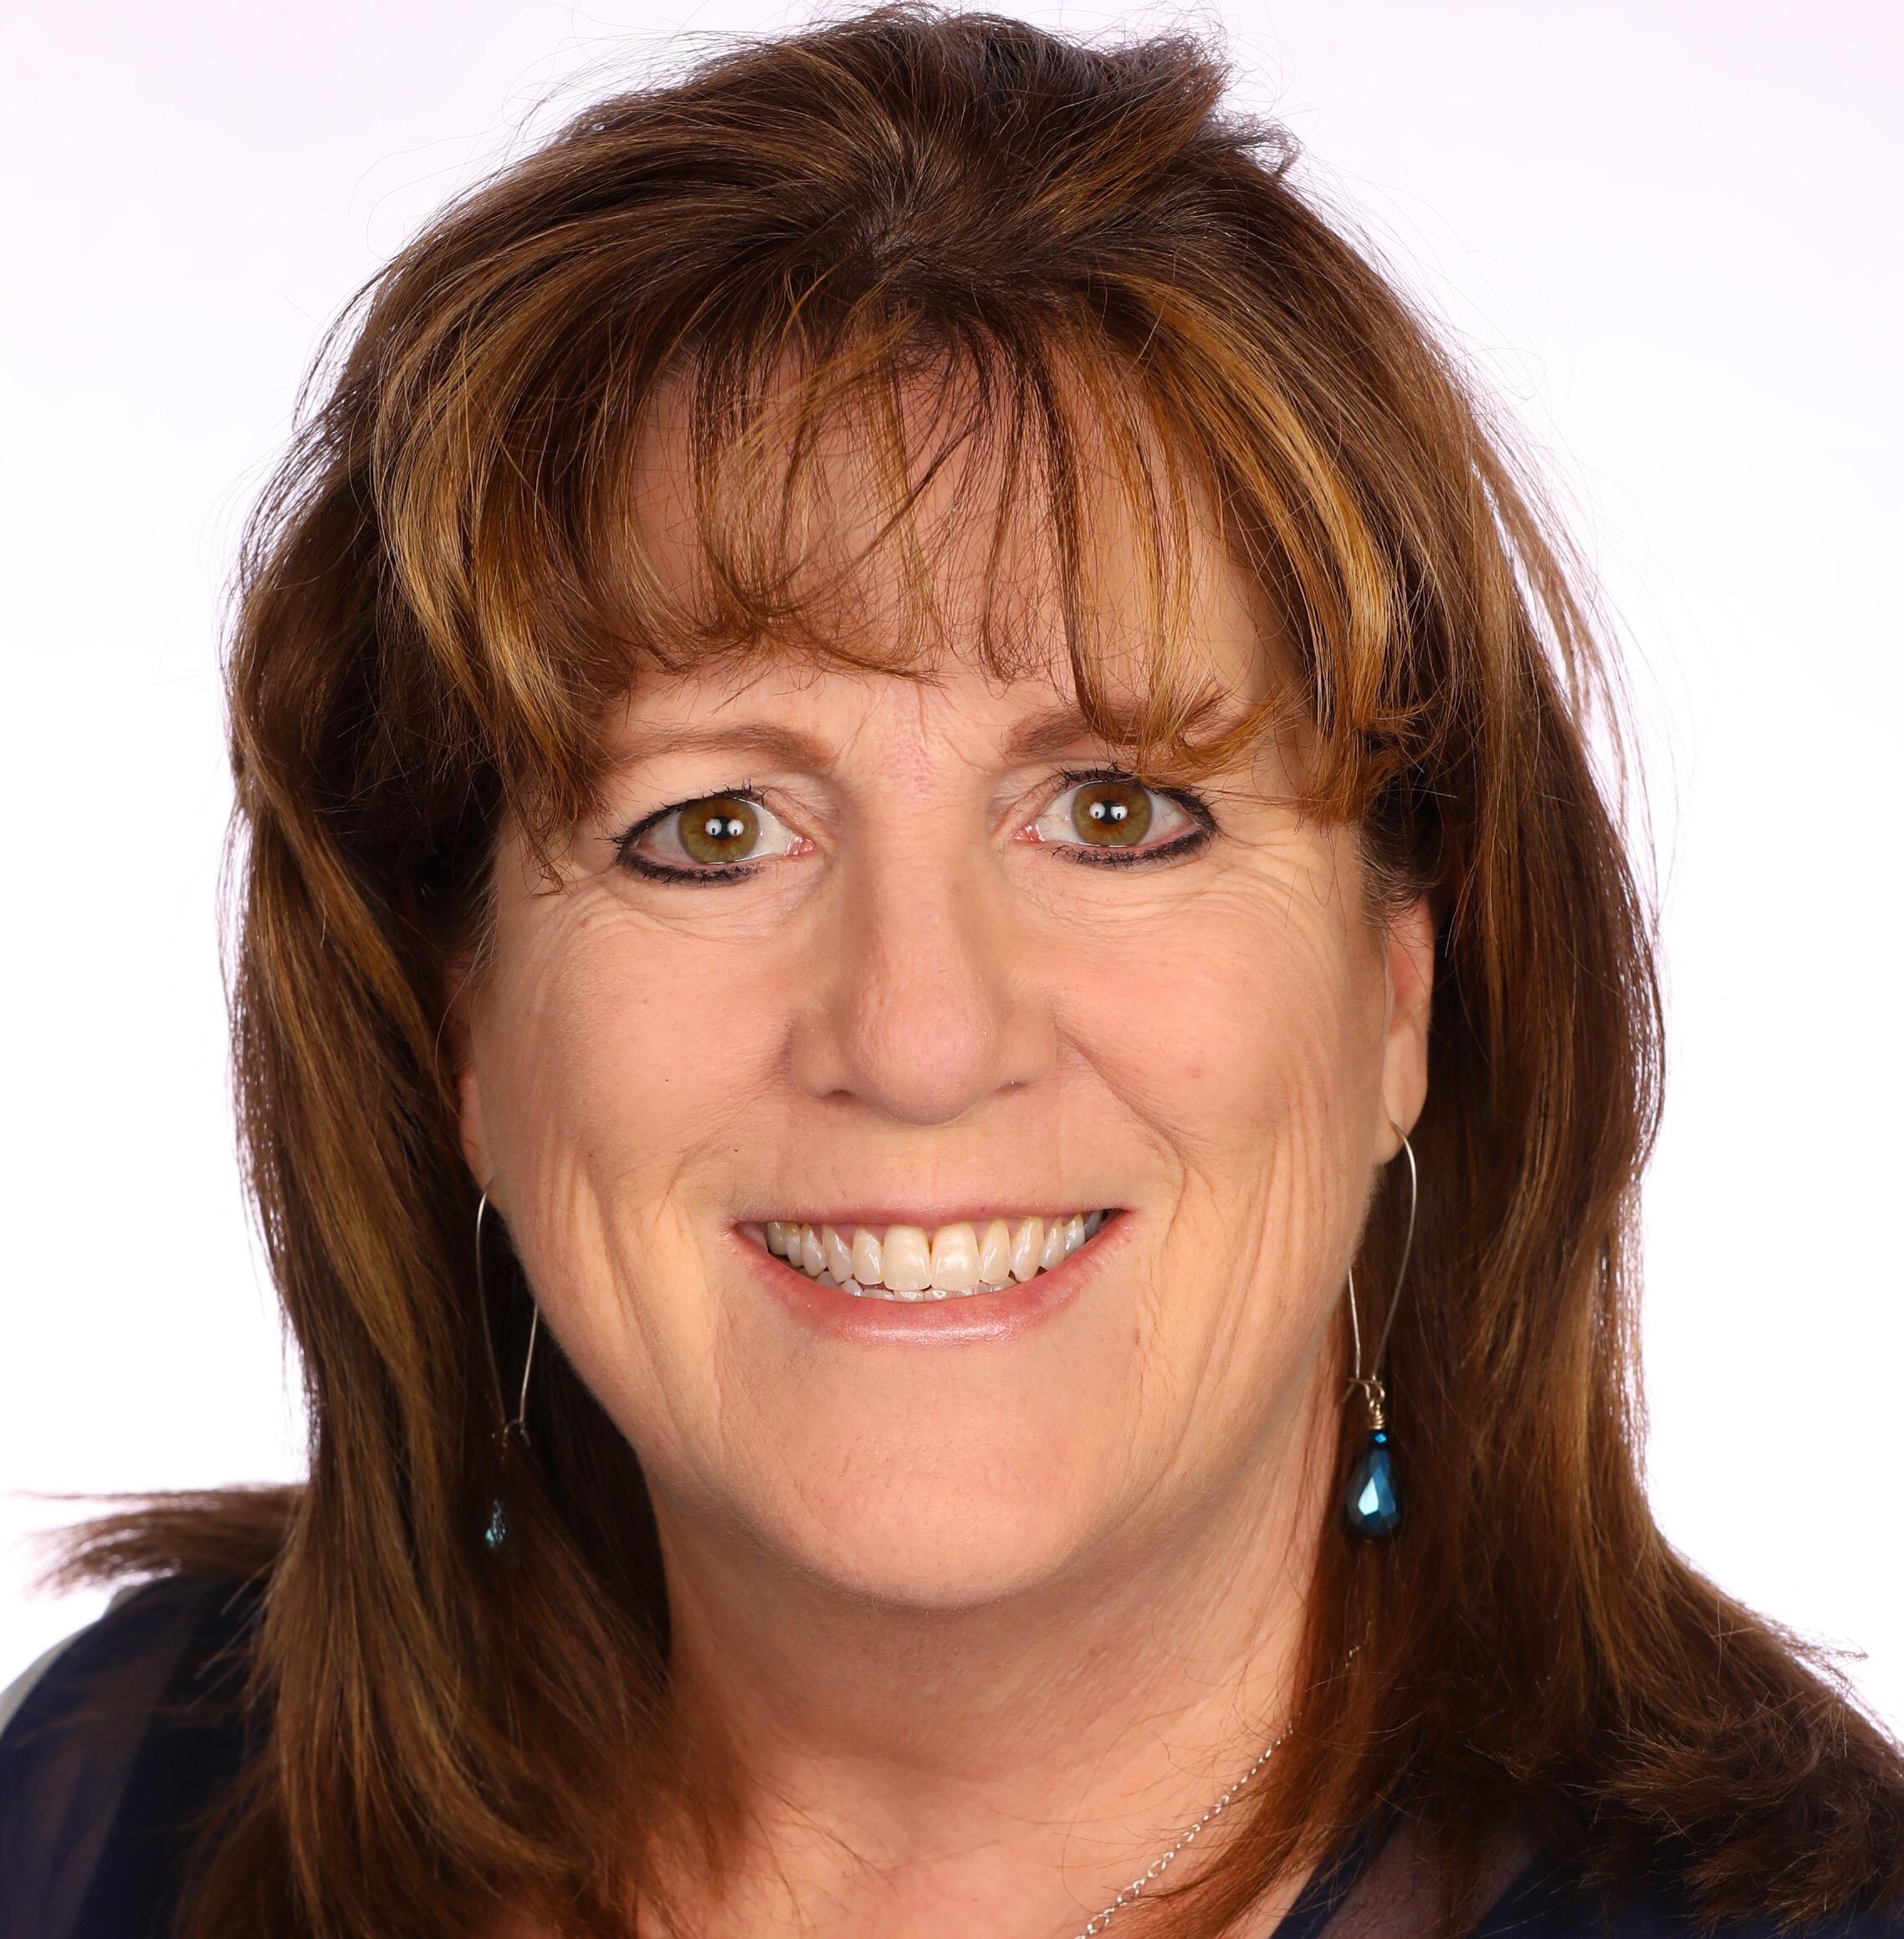 Elizabeth Campbell - Member Engagement & Event Manager